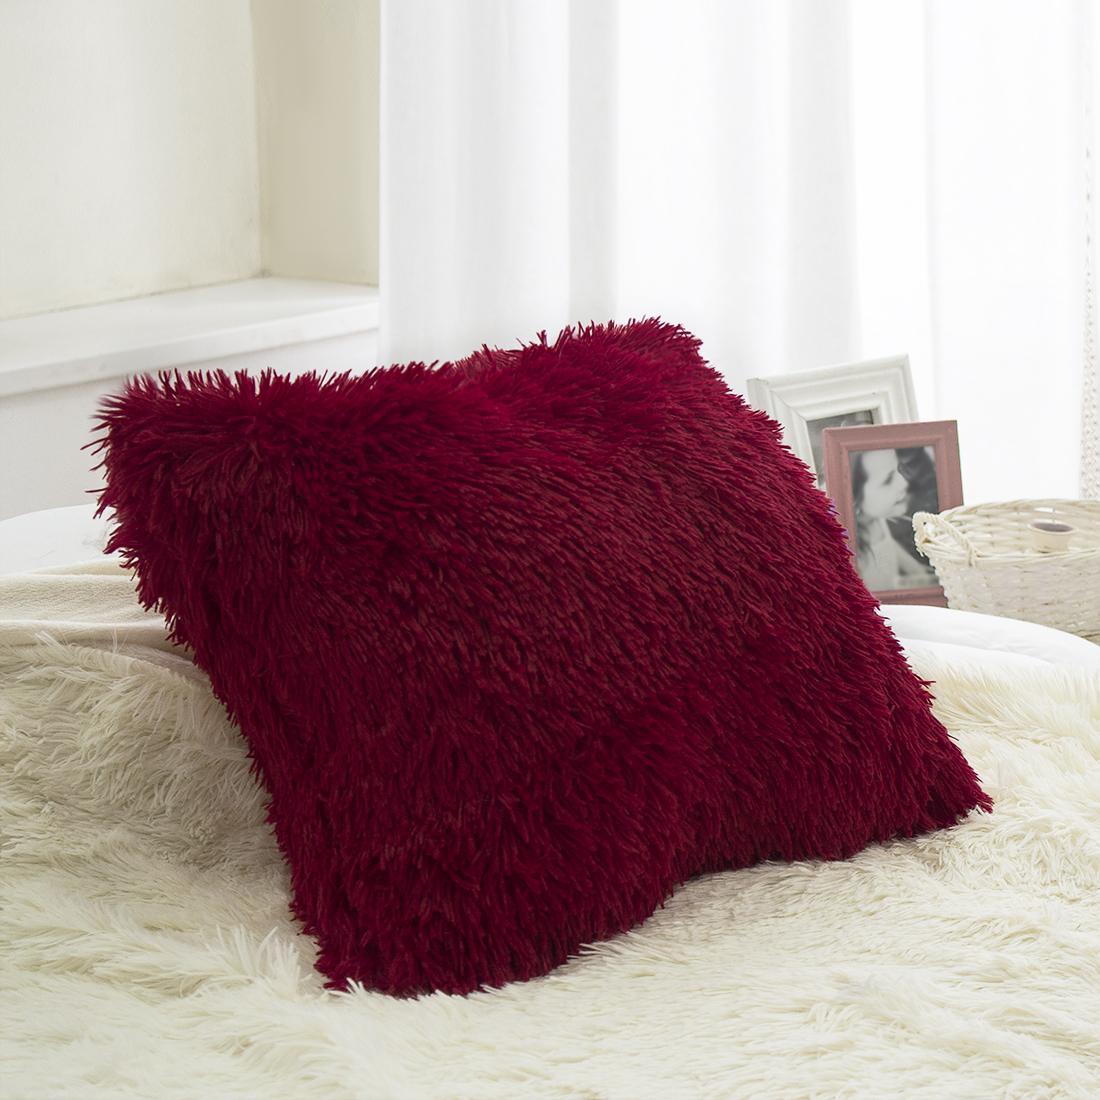 Наволочка декоративная Dome Taeppe, цвет: бордовый, 45x45 смdme330697Подушка из искусственного меха — настоящее украшение спальни и гостиной. Пара пушистых подушек создаст уют вокруг себя, они станут мягкой опорой для уставшей за день спины. Искусственный мех очень практичен: в отличие от меха натурального, подушку из искусственного меха можно стирать в машинке, а после стирки достаточно встряхнуть и расчесать, чтобы вернуть подушке вид пушистого облачка.